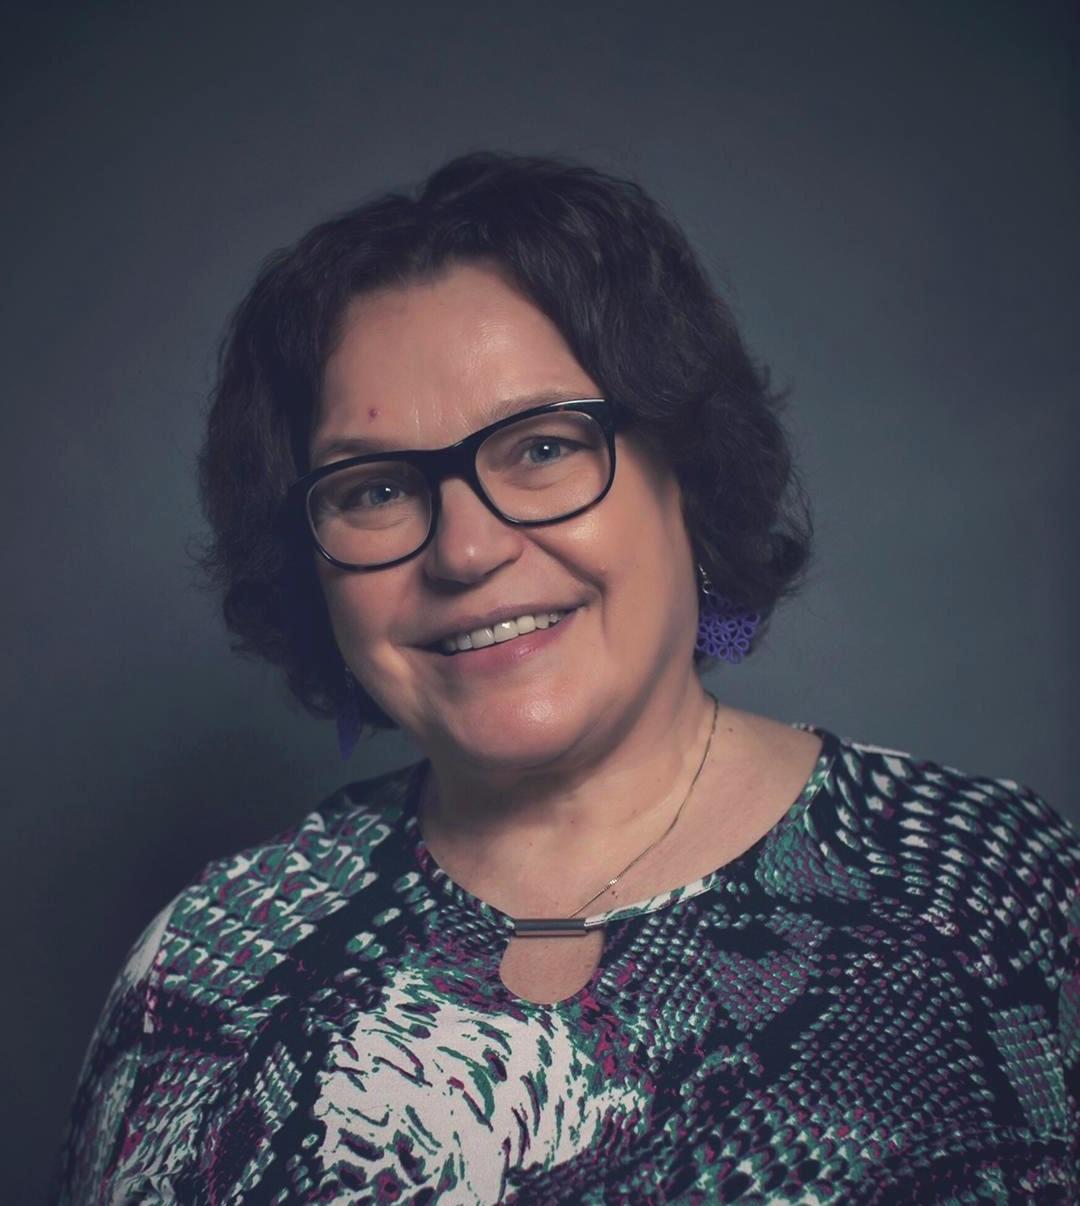 Eija-Anitta Kynsilehto